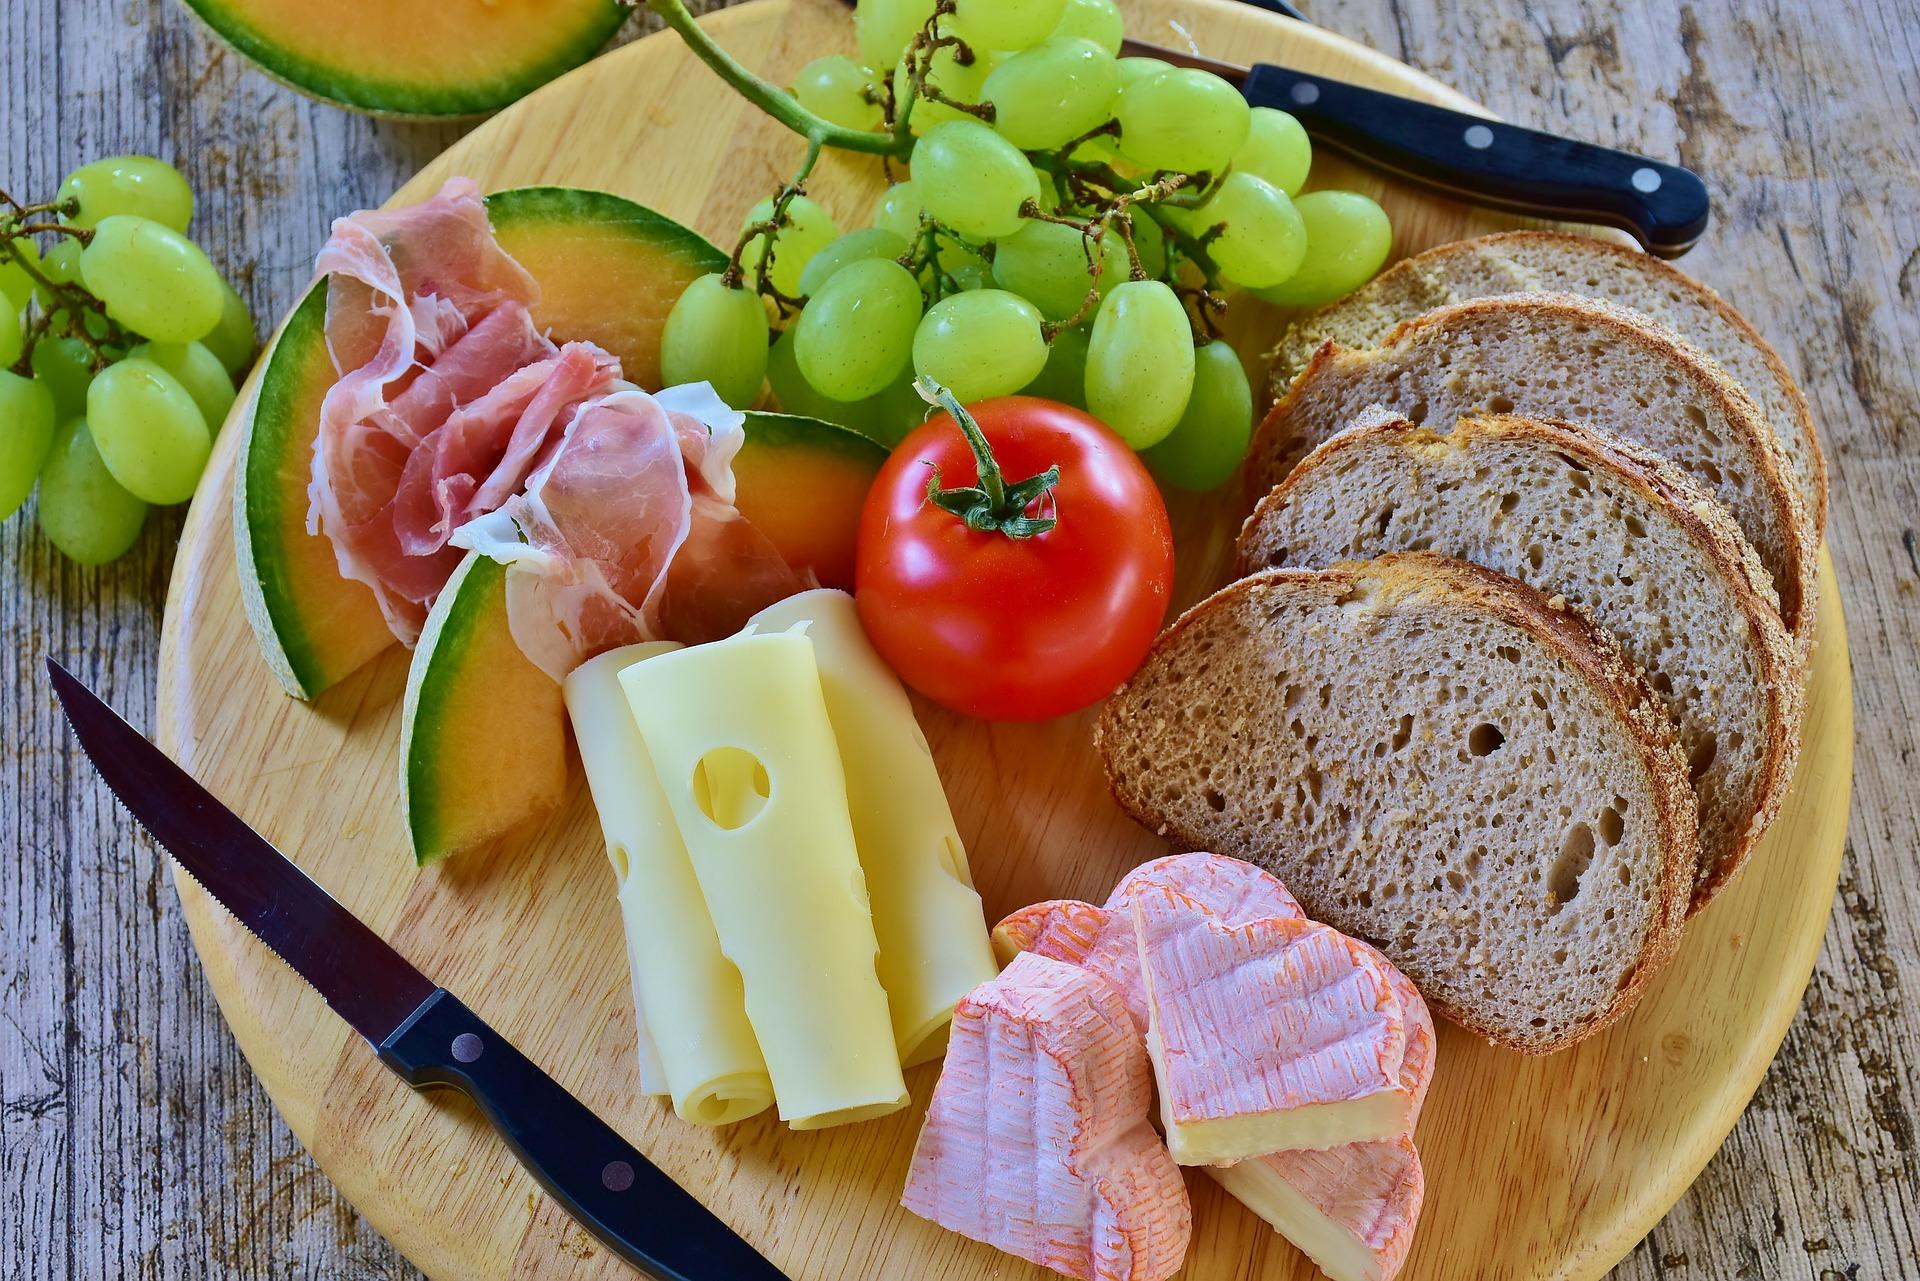 Pacjent otyły – jak ustalić poziom energetyczny diety?